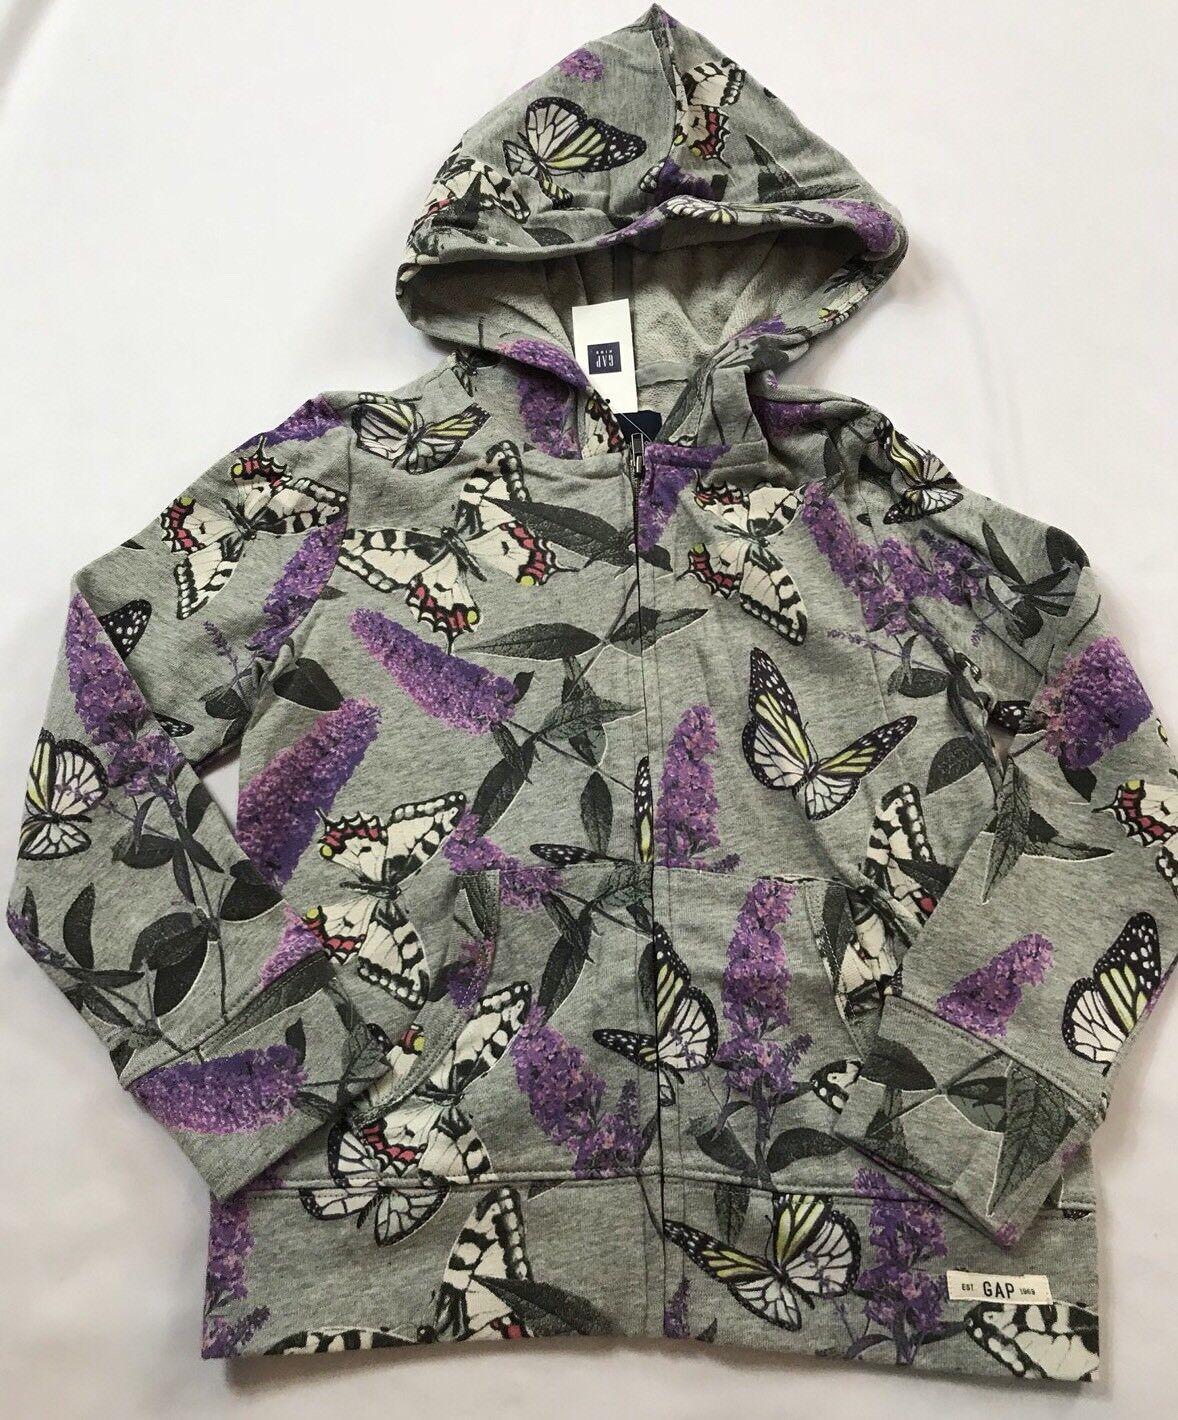 Veste à capuche zippée à capuche floral papillon grise pour enfants 6-7 ans gris